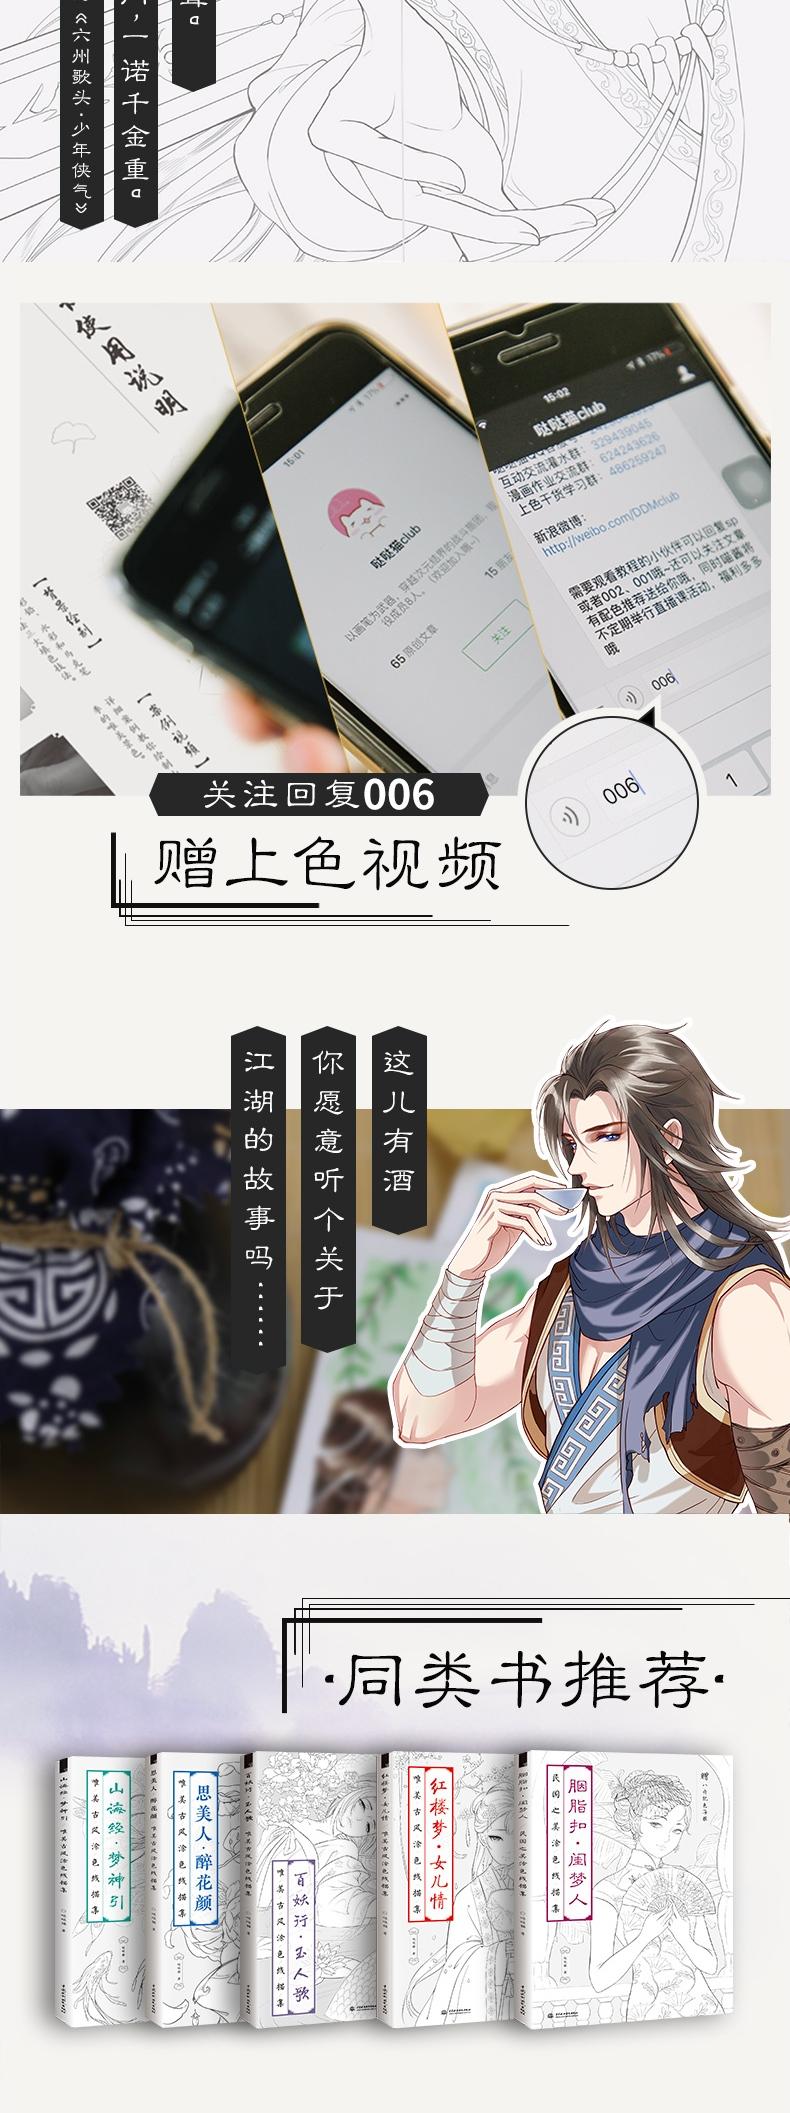 酔江湖 侠客行-唯美古風塗色線描集